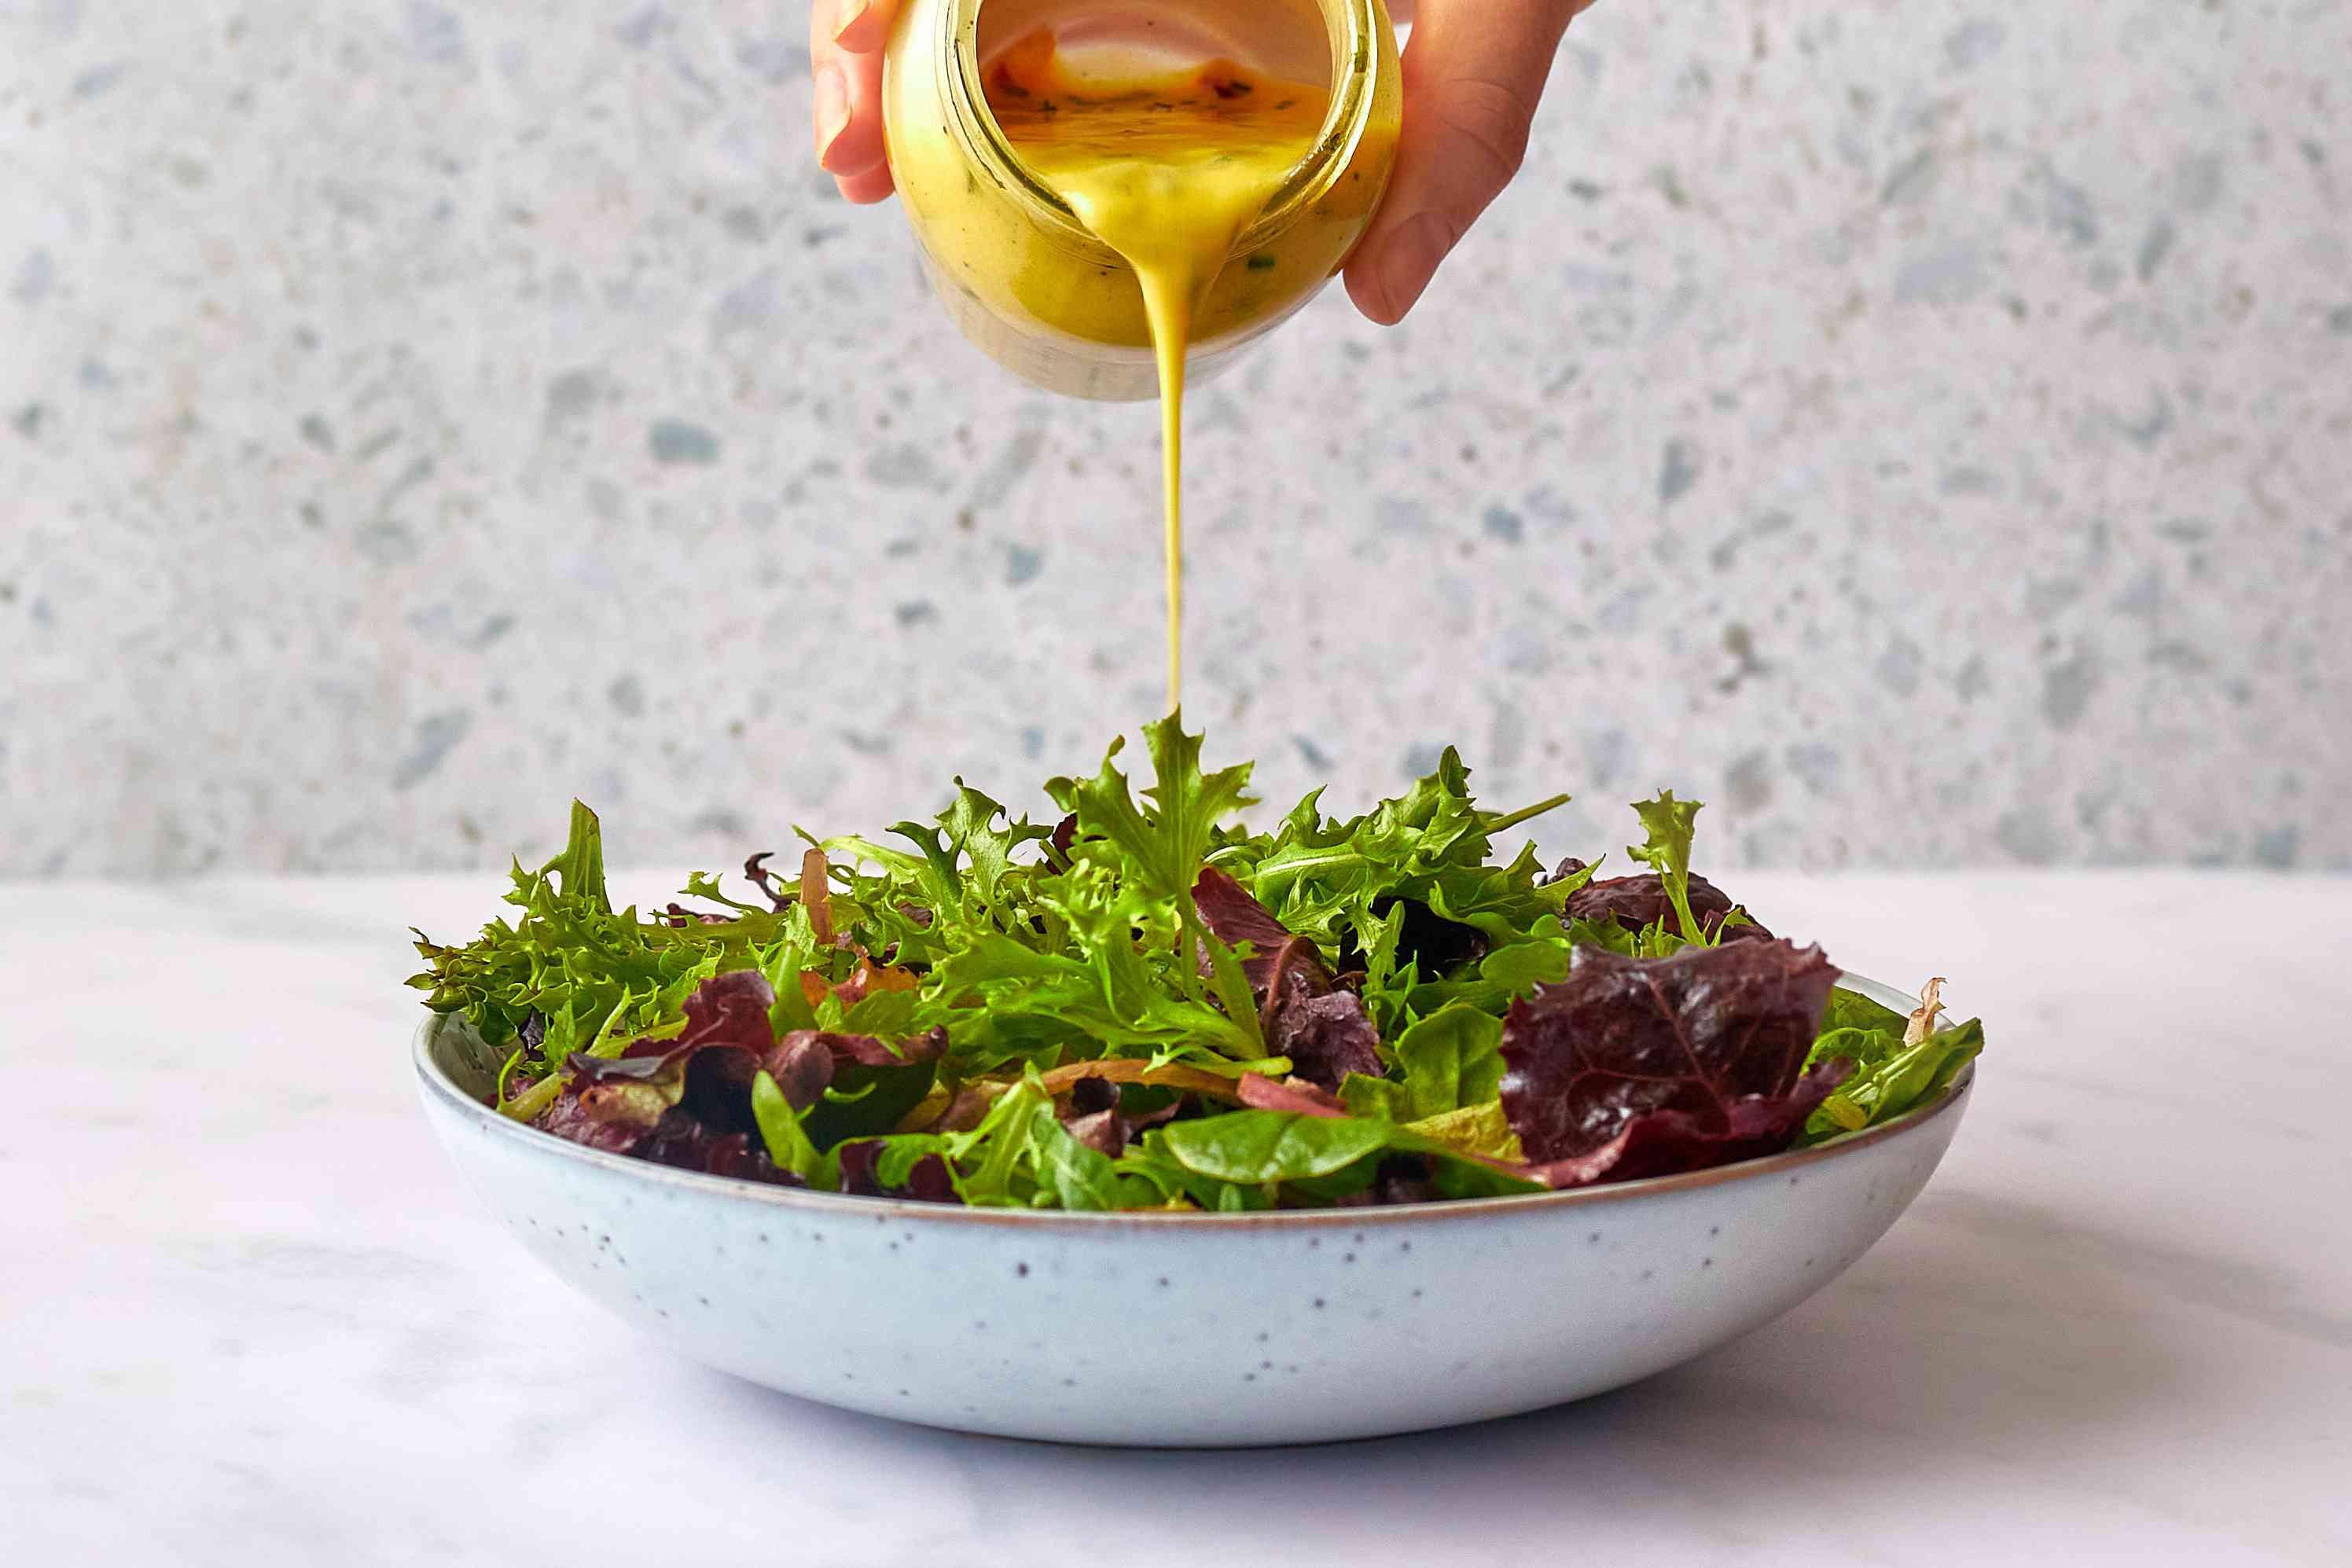 Easy Mustard Jar Salad Dressing poured over salad